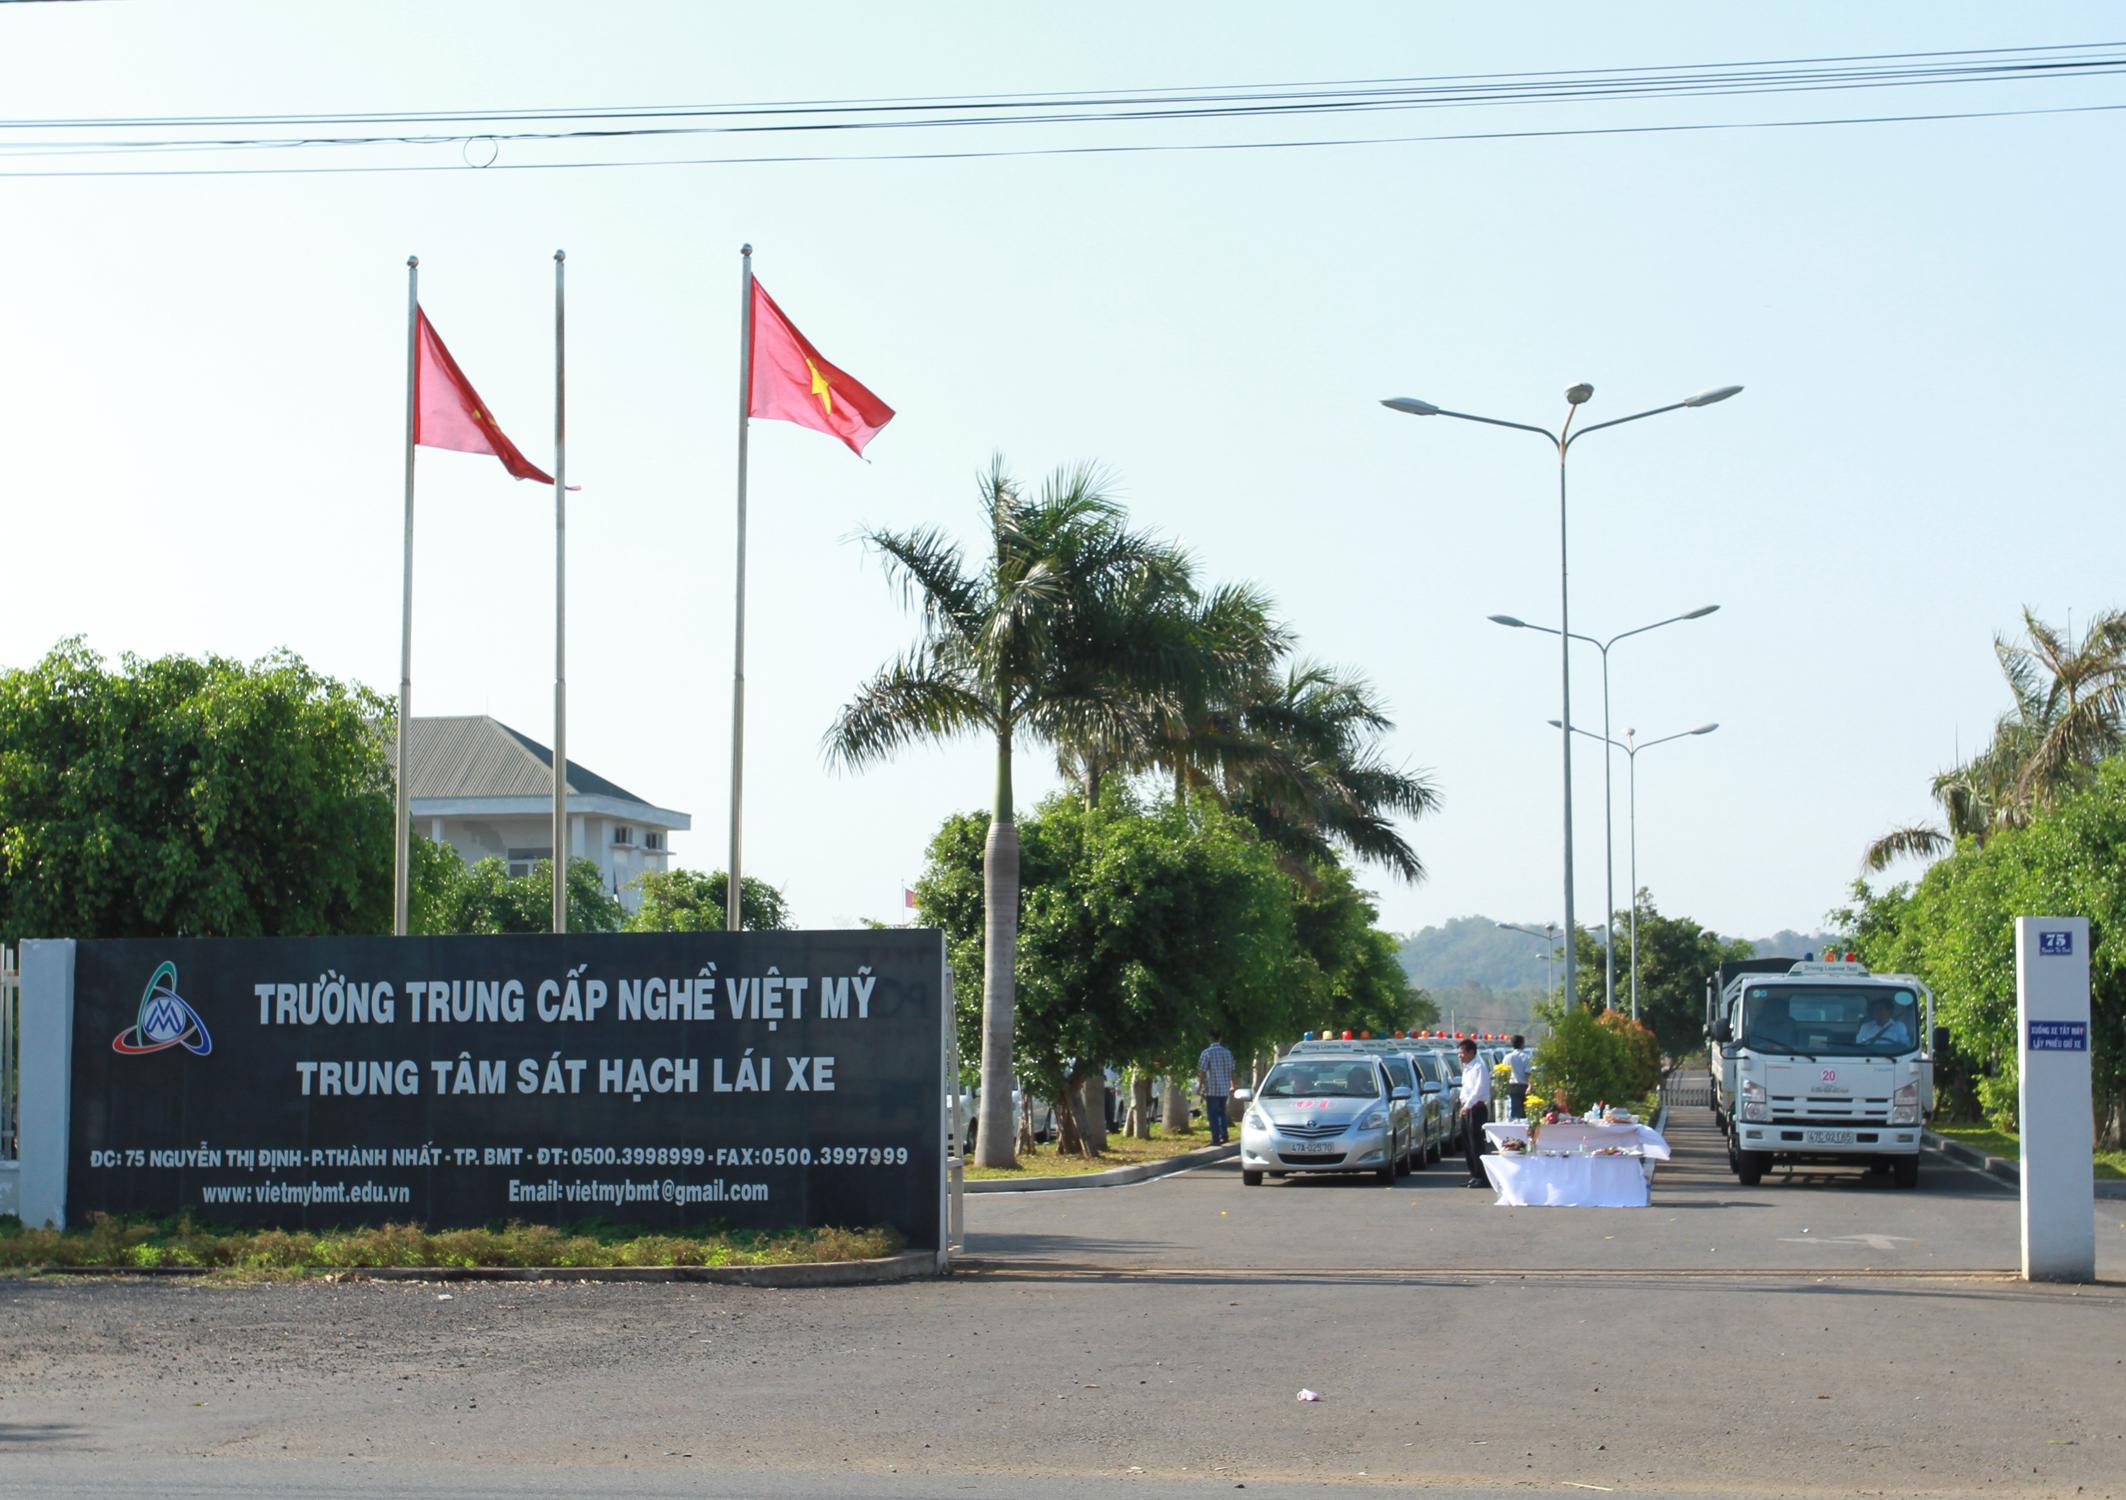 Tham mưu xử lý đề nghị chuyển loại hình Trường Trung cấp nghề Việt Mỹ